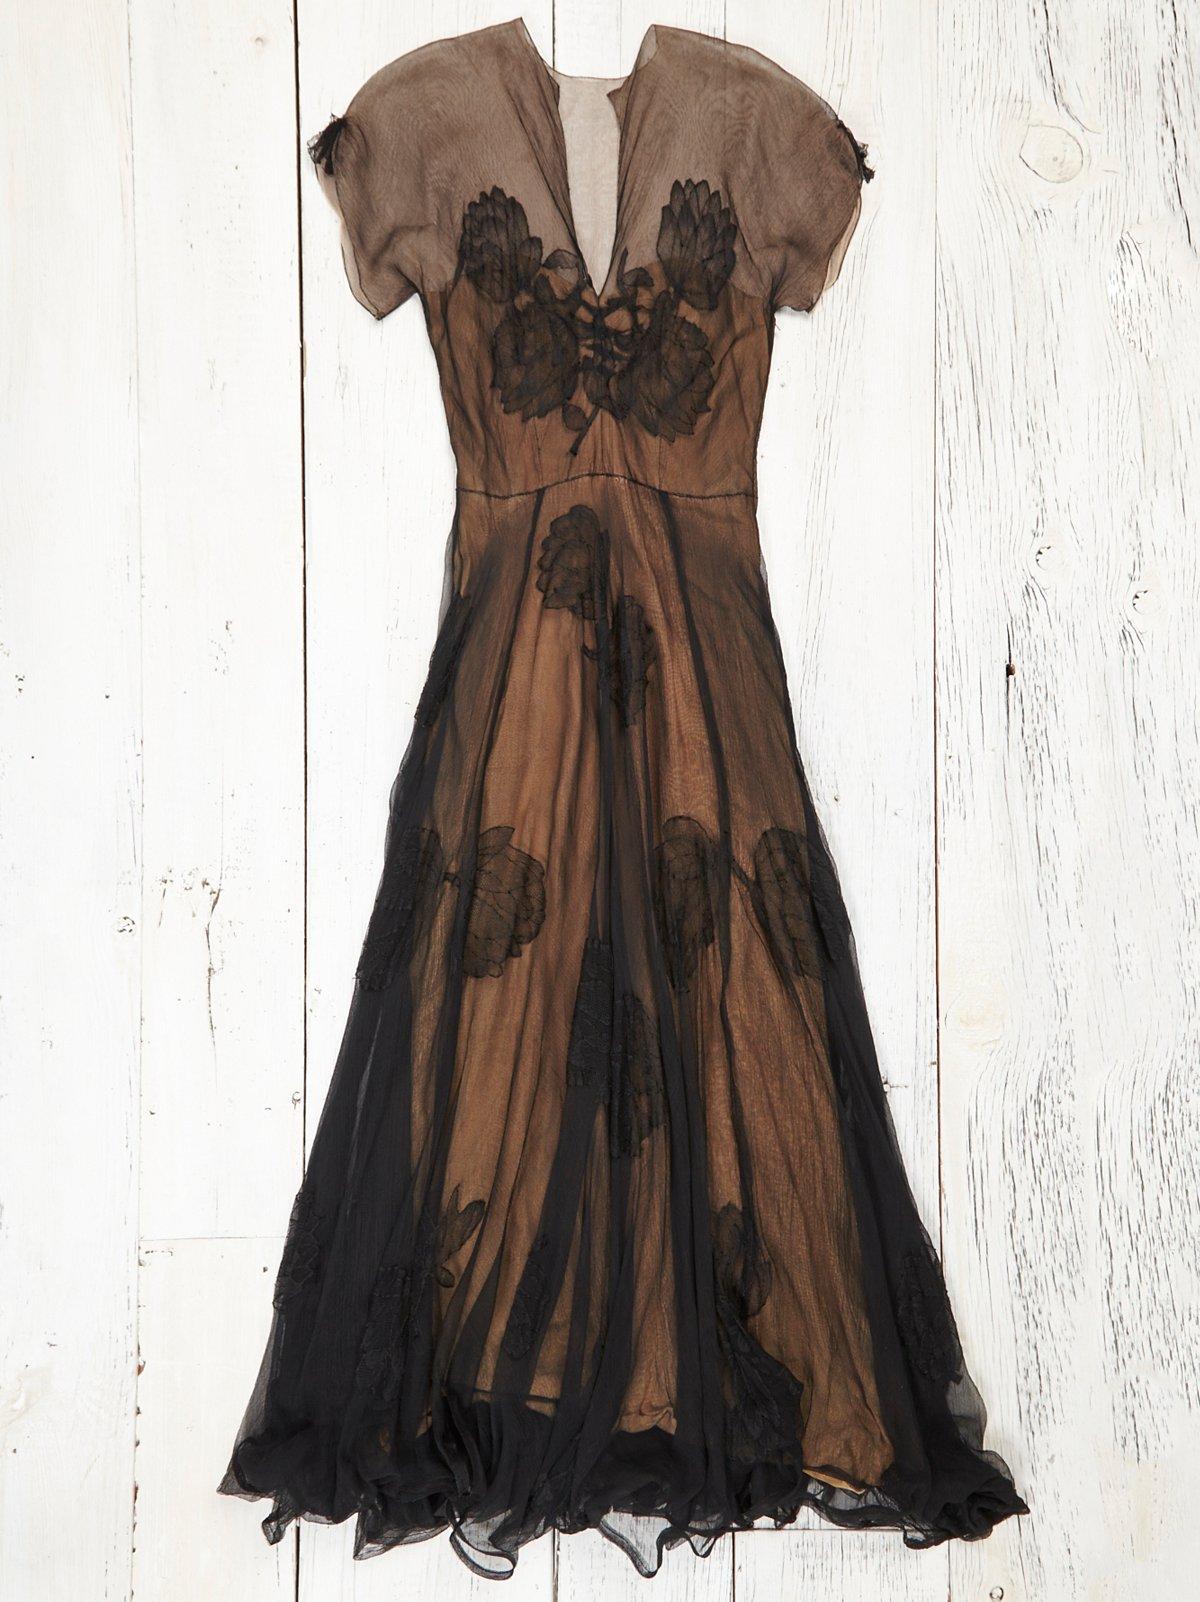 Vintage 1940s Lace Gown